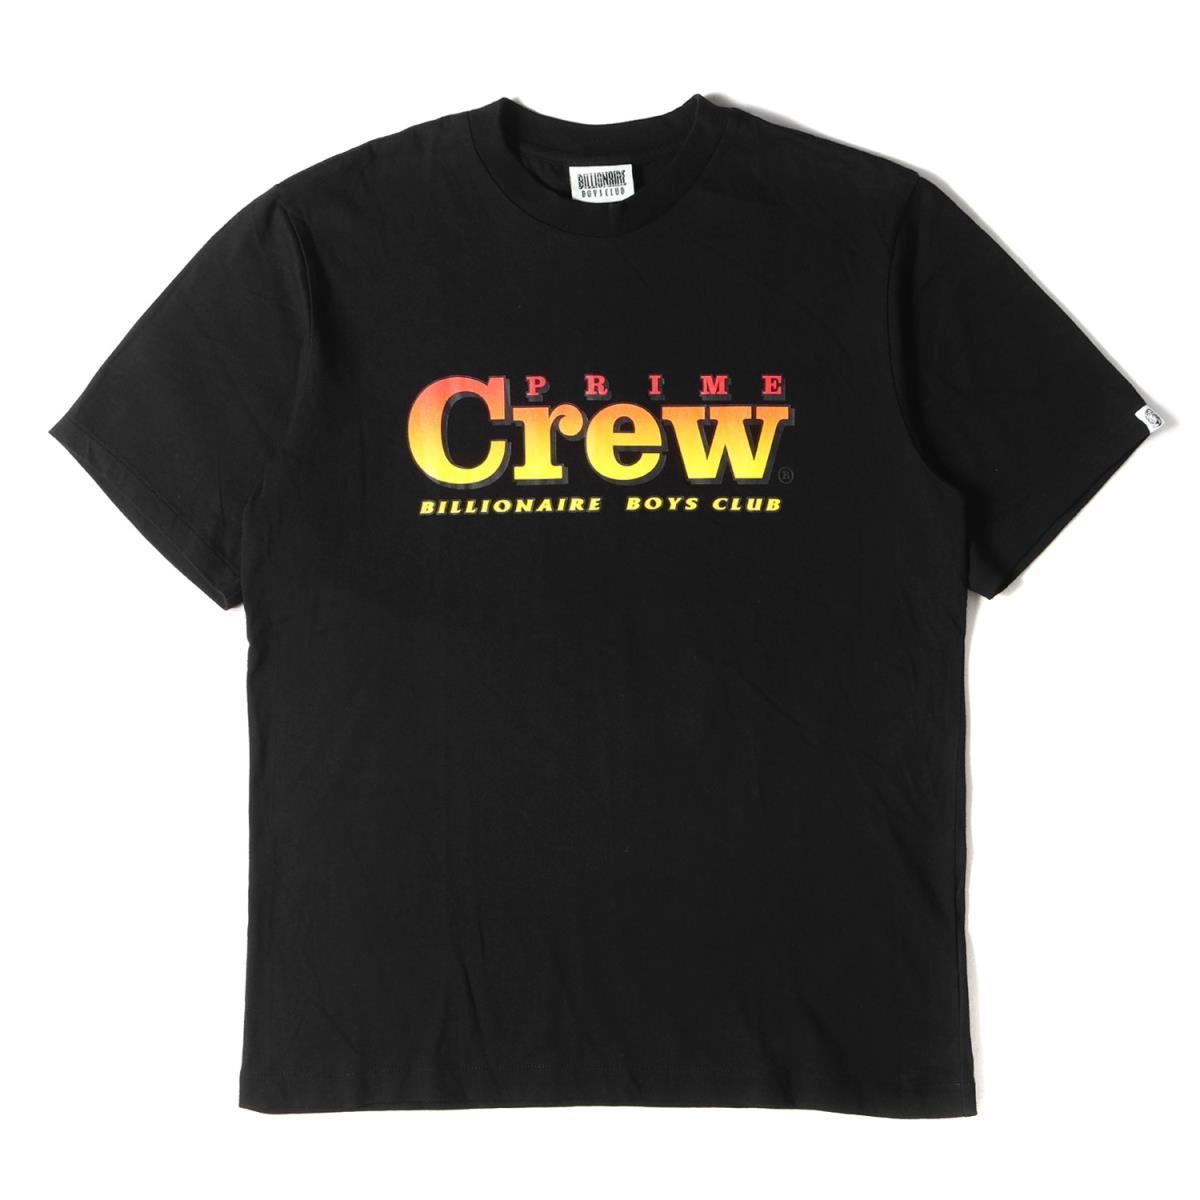 トップス, Tシャツ・カットソー BBC ICE CREAM T T L K2723